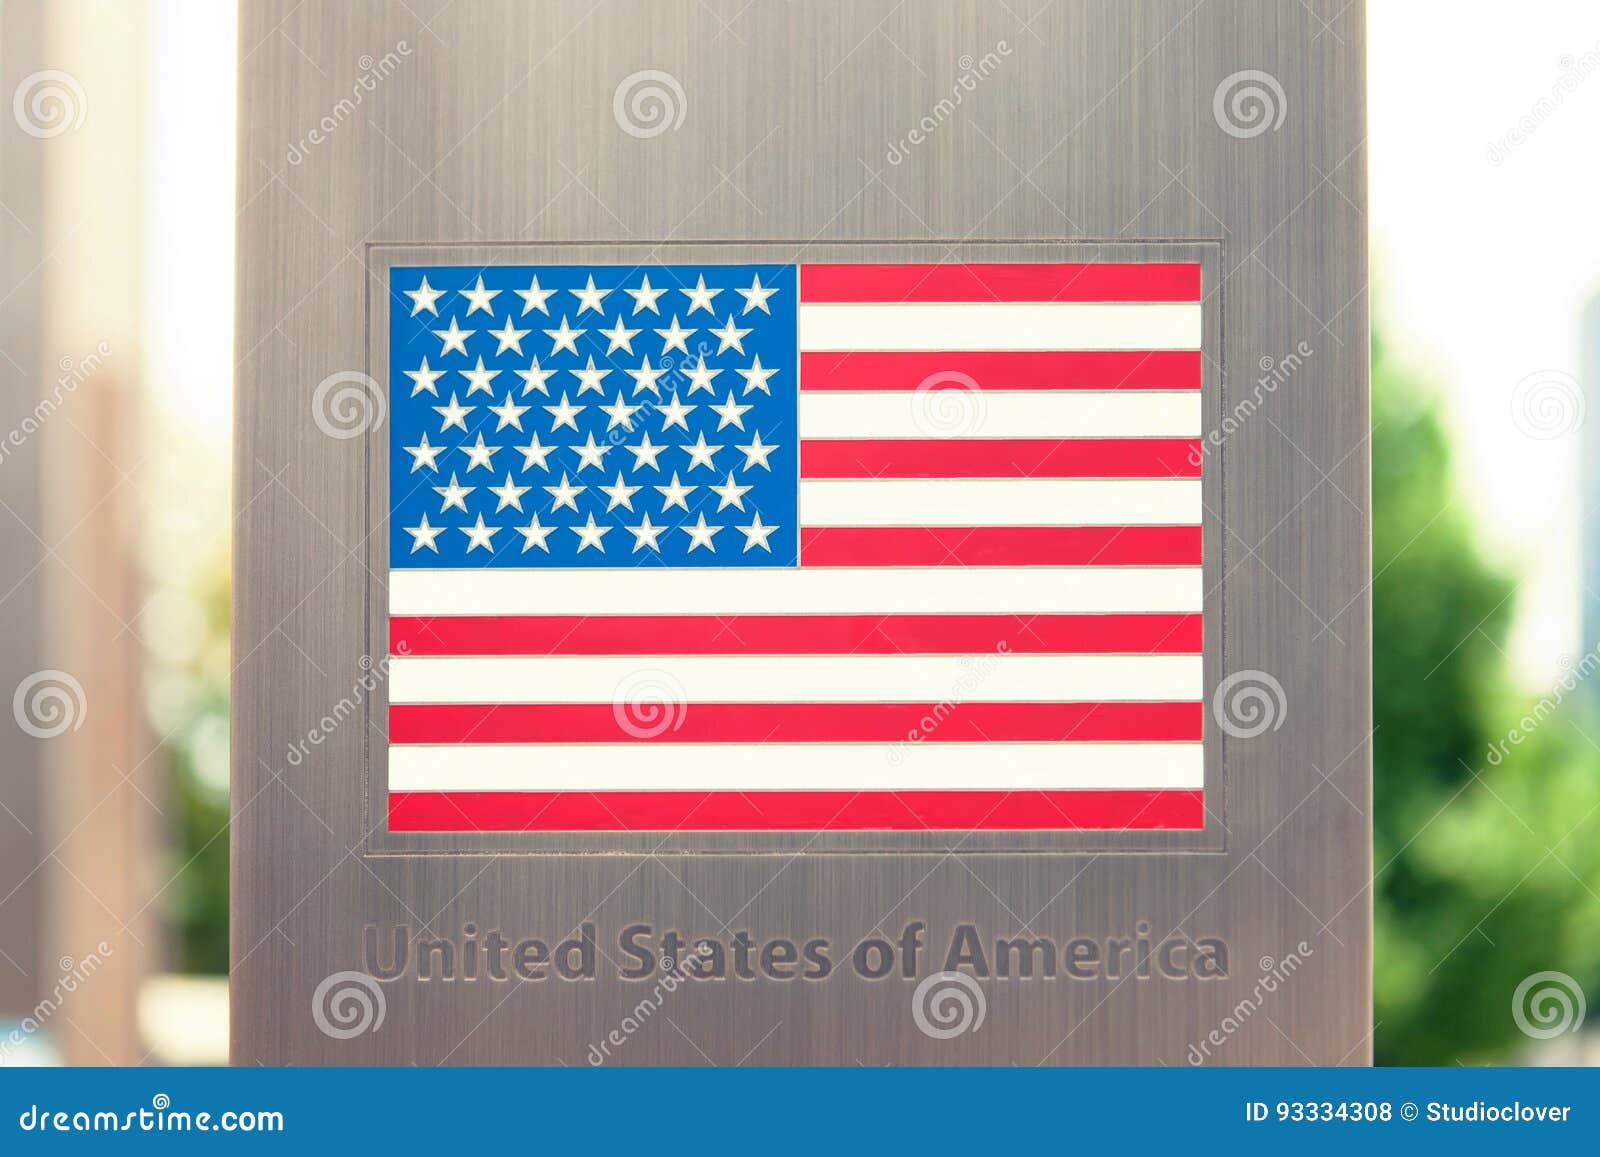 Σειρά εθνικών σημαιών στον πόλο - Ηνωμένες Πολιτείες της Αμερικής Φιλτραρισμένη εικόνα: επεξεργασμένη σταυρός εκλεκτής ποιότητας